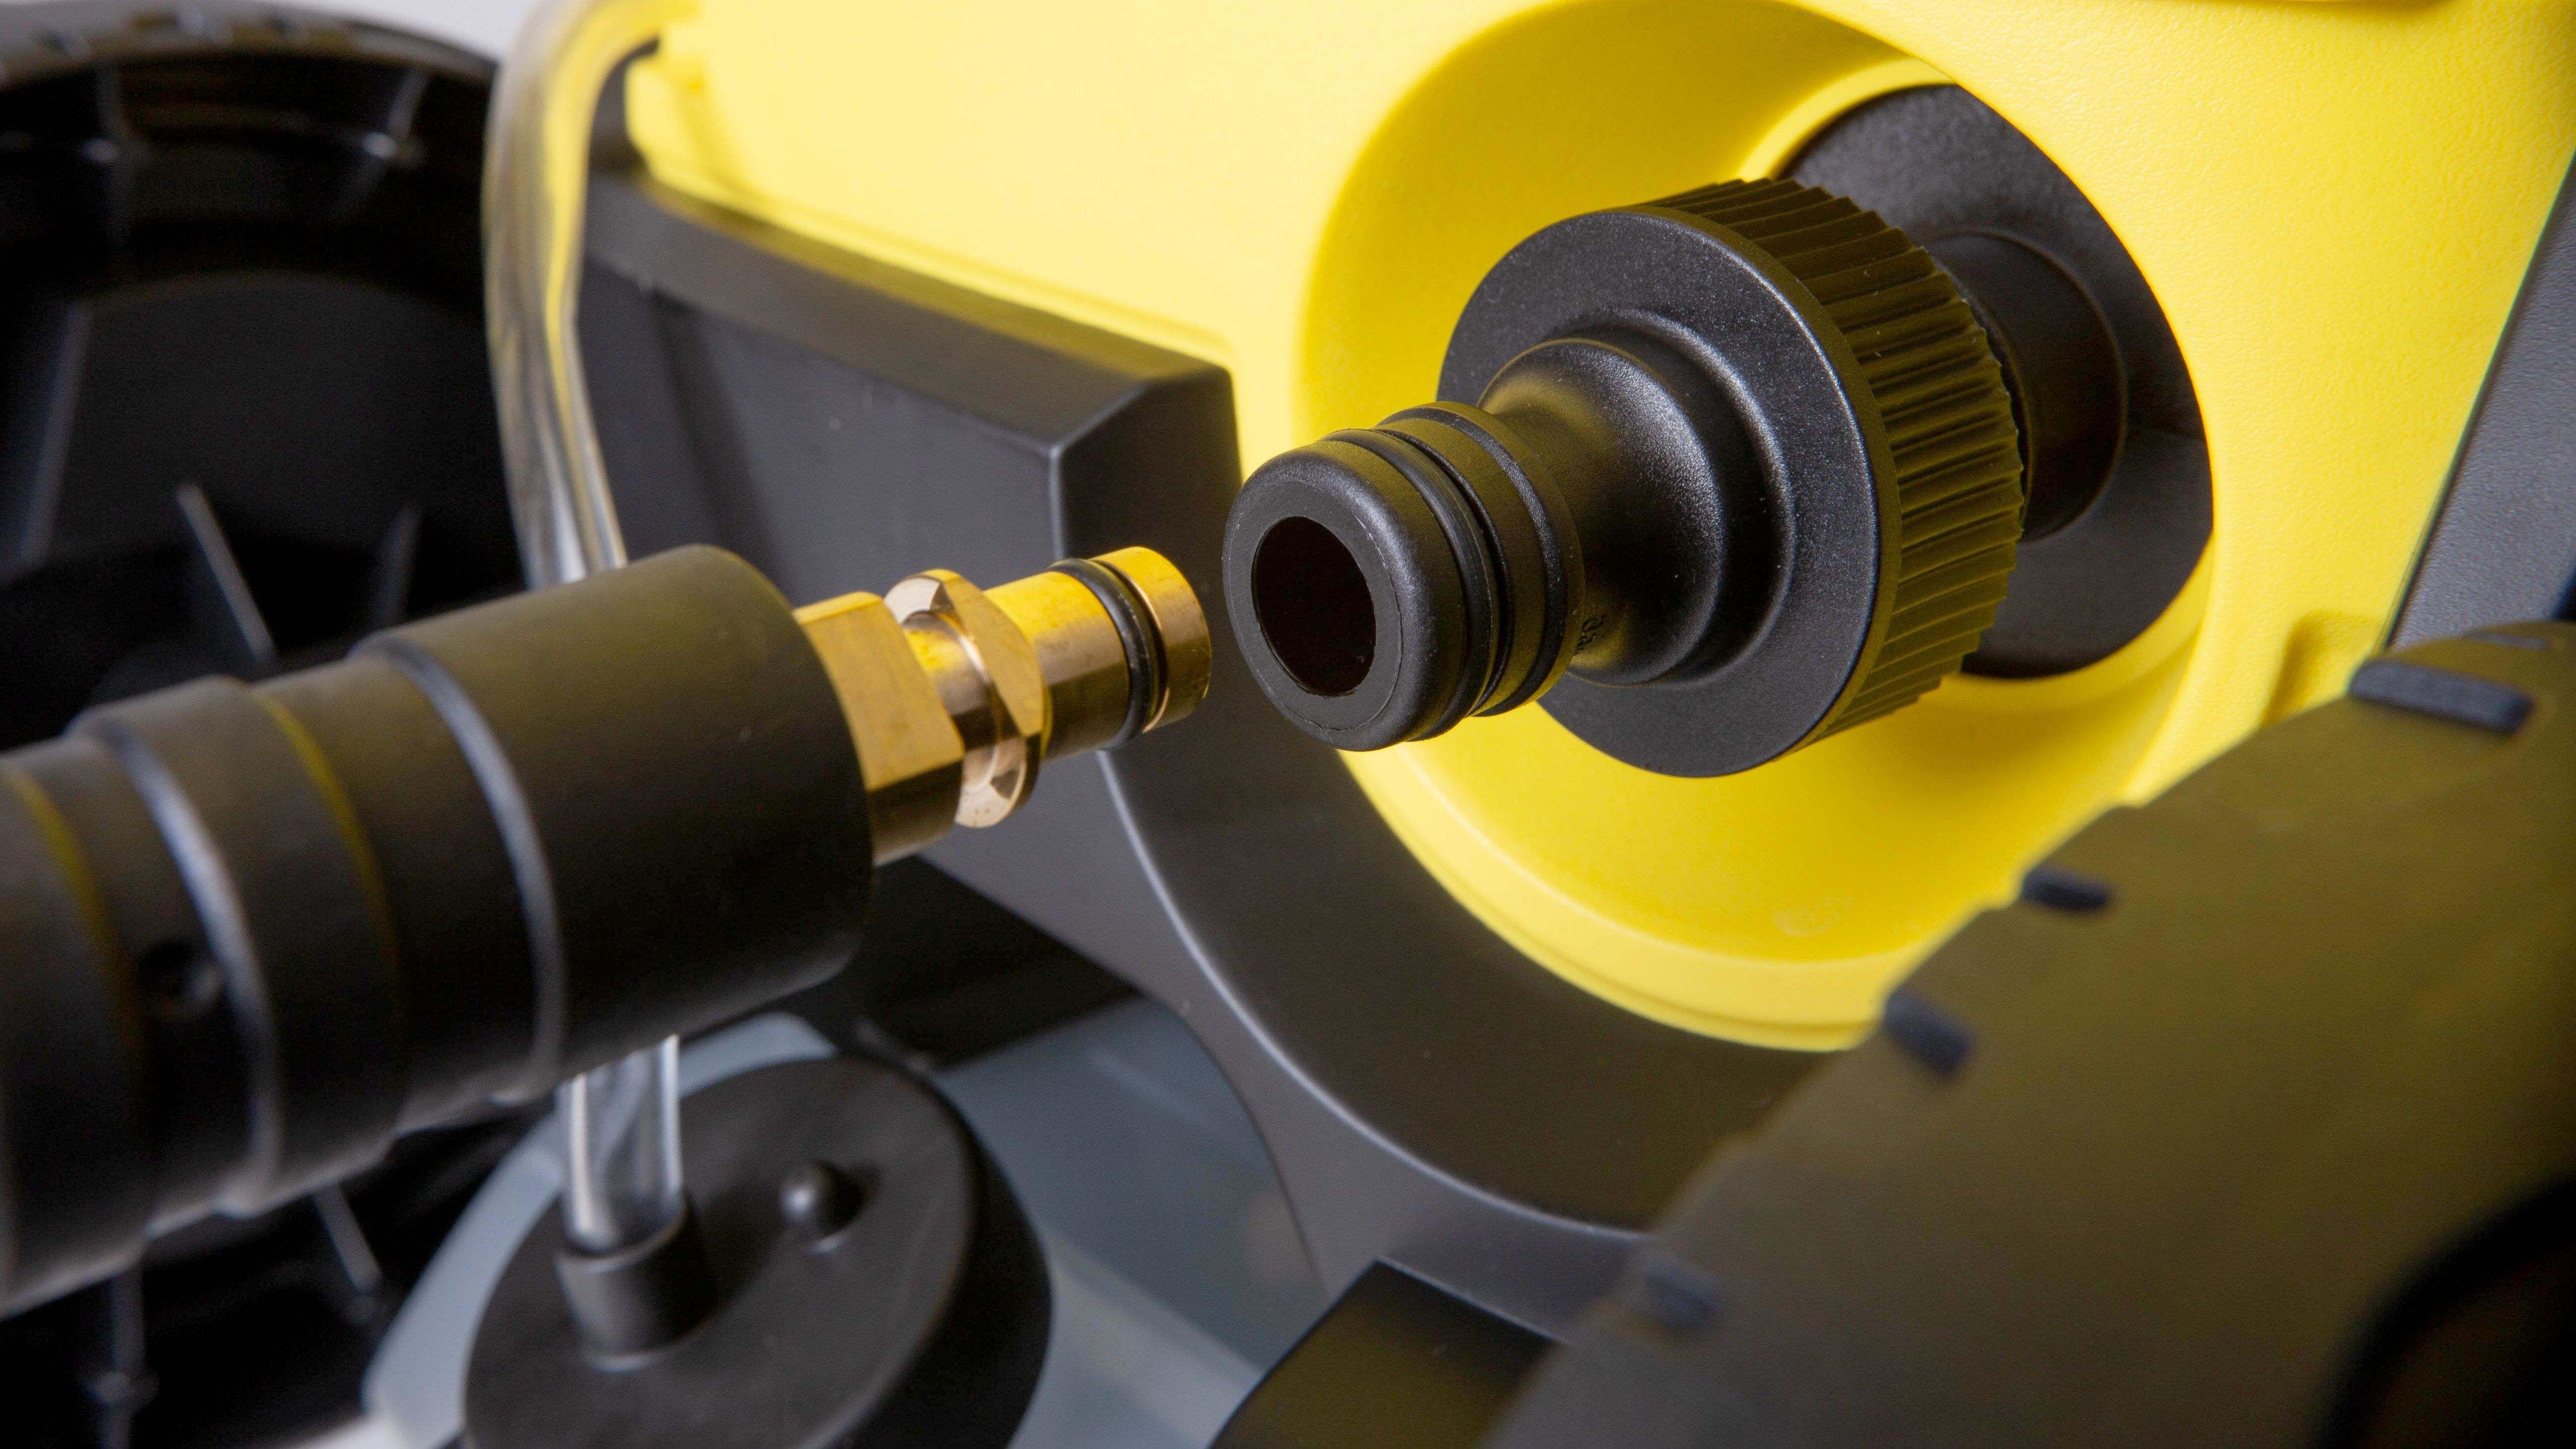 Come decalcificare un'idropulitrice ad alta pressione